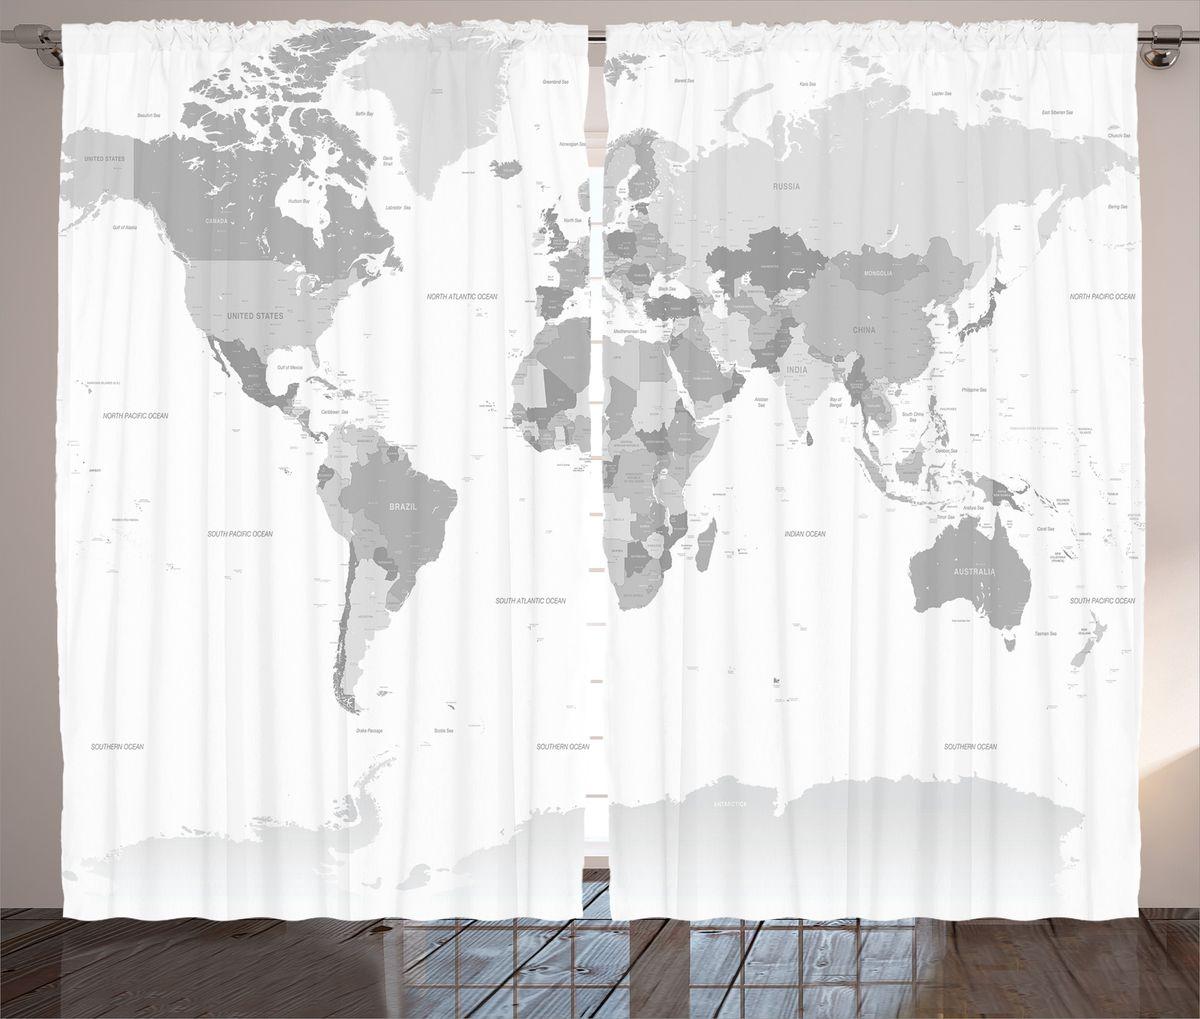 Комплект фотоштор Magic Lady Политическая карта мира, на ленте, высота 265 см. шсг_18025шсг_18025Компания Сэмболь изготавливает шторы из высококачественного сатена (полиэстер 100%). При изготовлении используются специальные гипоаллергенные чернила для прямой печати по ткани, безопасные для человека и животных. Экологичность продукции Magic lady и безопасность для окружающей среды подтверждены сертификатом Oeko-Tex Standard 100. Крепление: крючки для крепления на шторной ленте (50 шт). Возможно крепление на трубу. Внимание! При нанесении сублимационной печати на ткань технологическим методом при температуре 240°С, возможно отклонение полученных размеров (указанных на этикетке и сайте) от стандартных на + - 3-5 см. Производитель старается максимально точно передать цвета изделия на фотографиях, однако искажения неизбежны и фактический цвет изделия может отличаться от воспринимаемого по фото. Обратите внимание! Шторы изготовлены из полиэстра сатенового переплетения, а не из сатина (хлопок). Размер одного полотна шторы: 145х265 см. В комплекте 2...